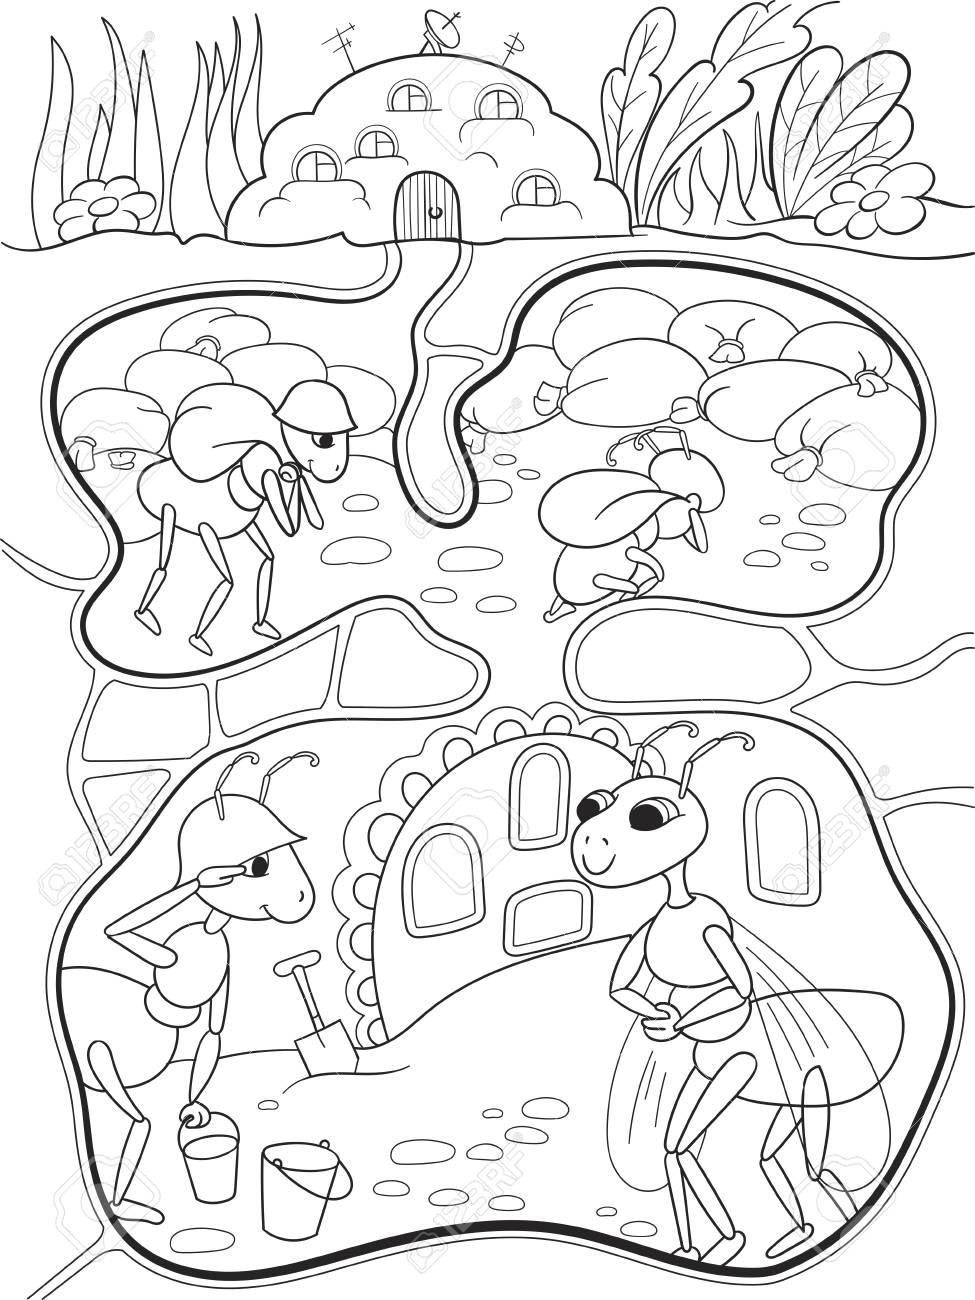 Vie Dintérieur Et De Famille Des Fourmis Dans Une Illustration De Dessin Animé Pour La Couleur De La Fourmi Pour Les Enfants